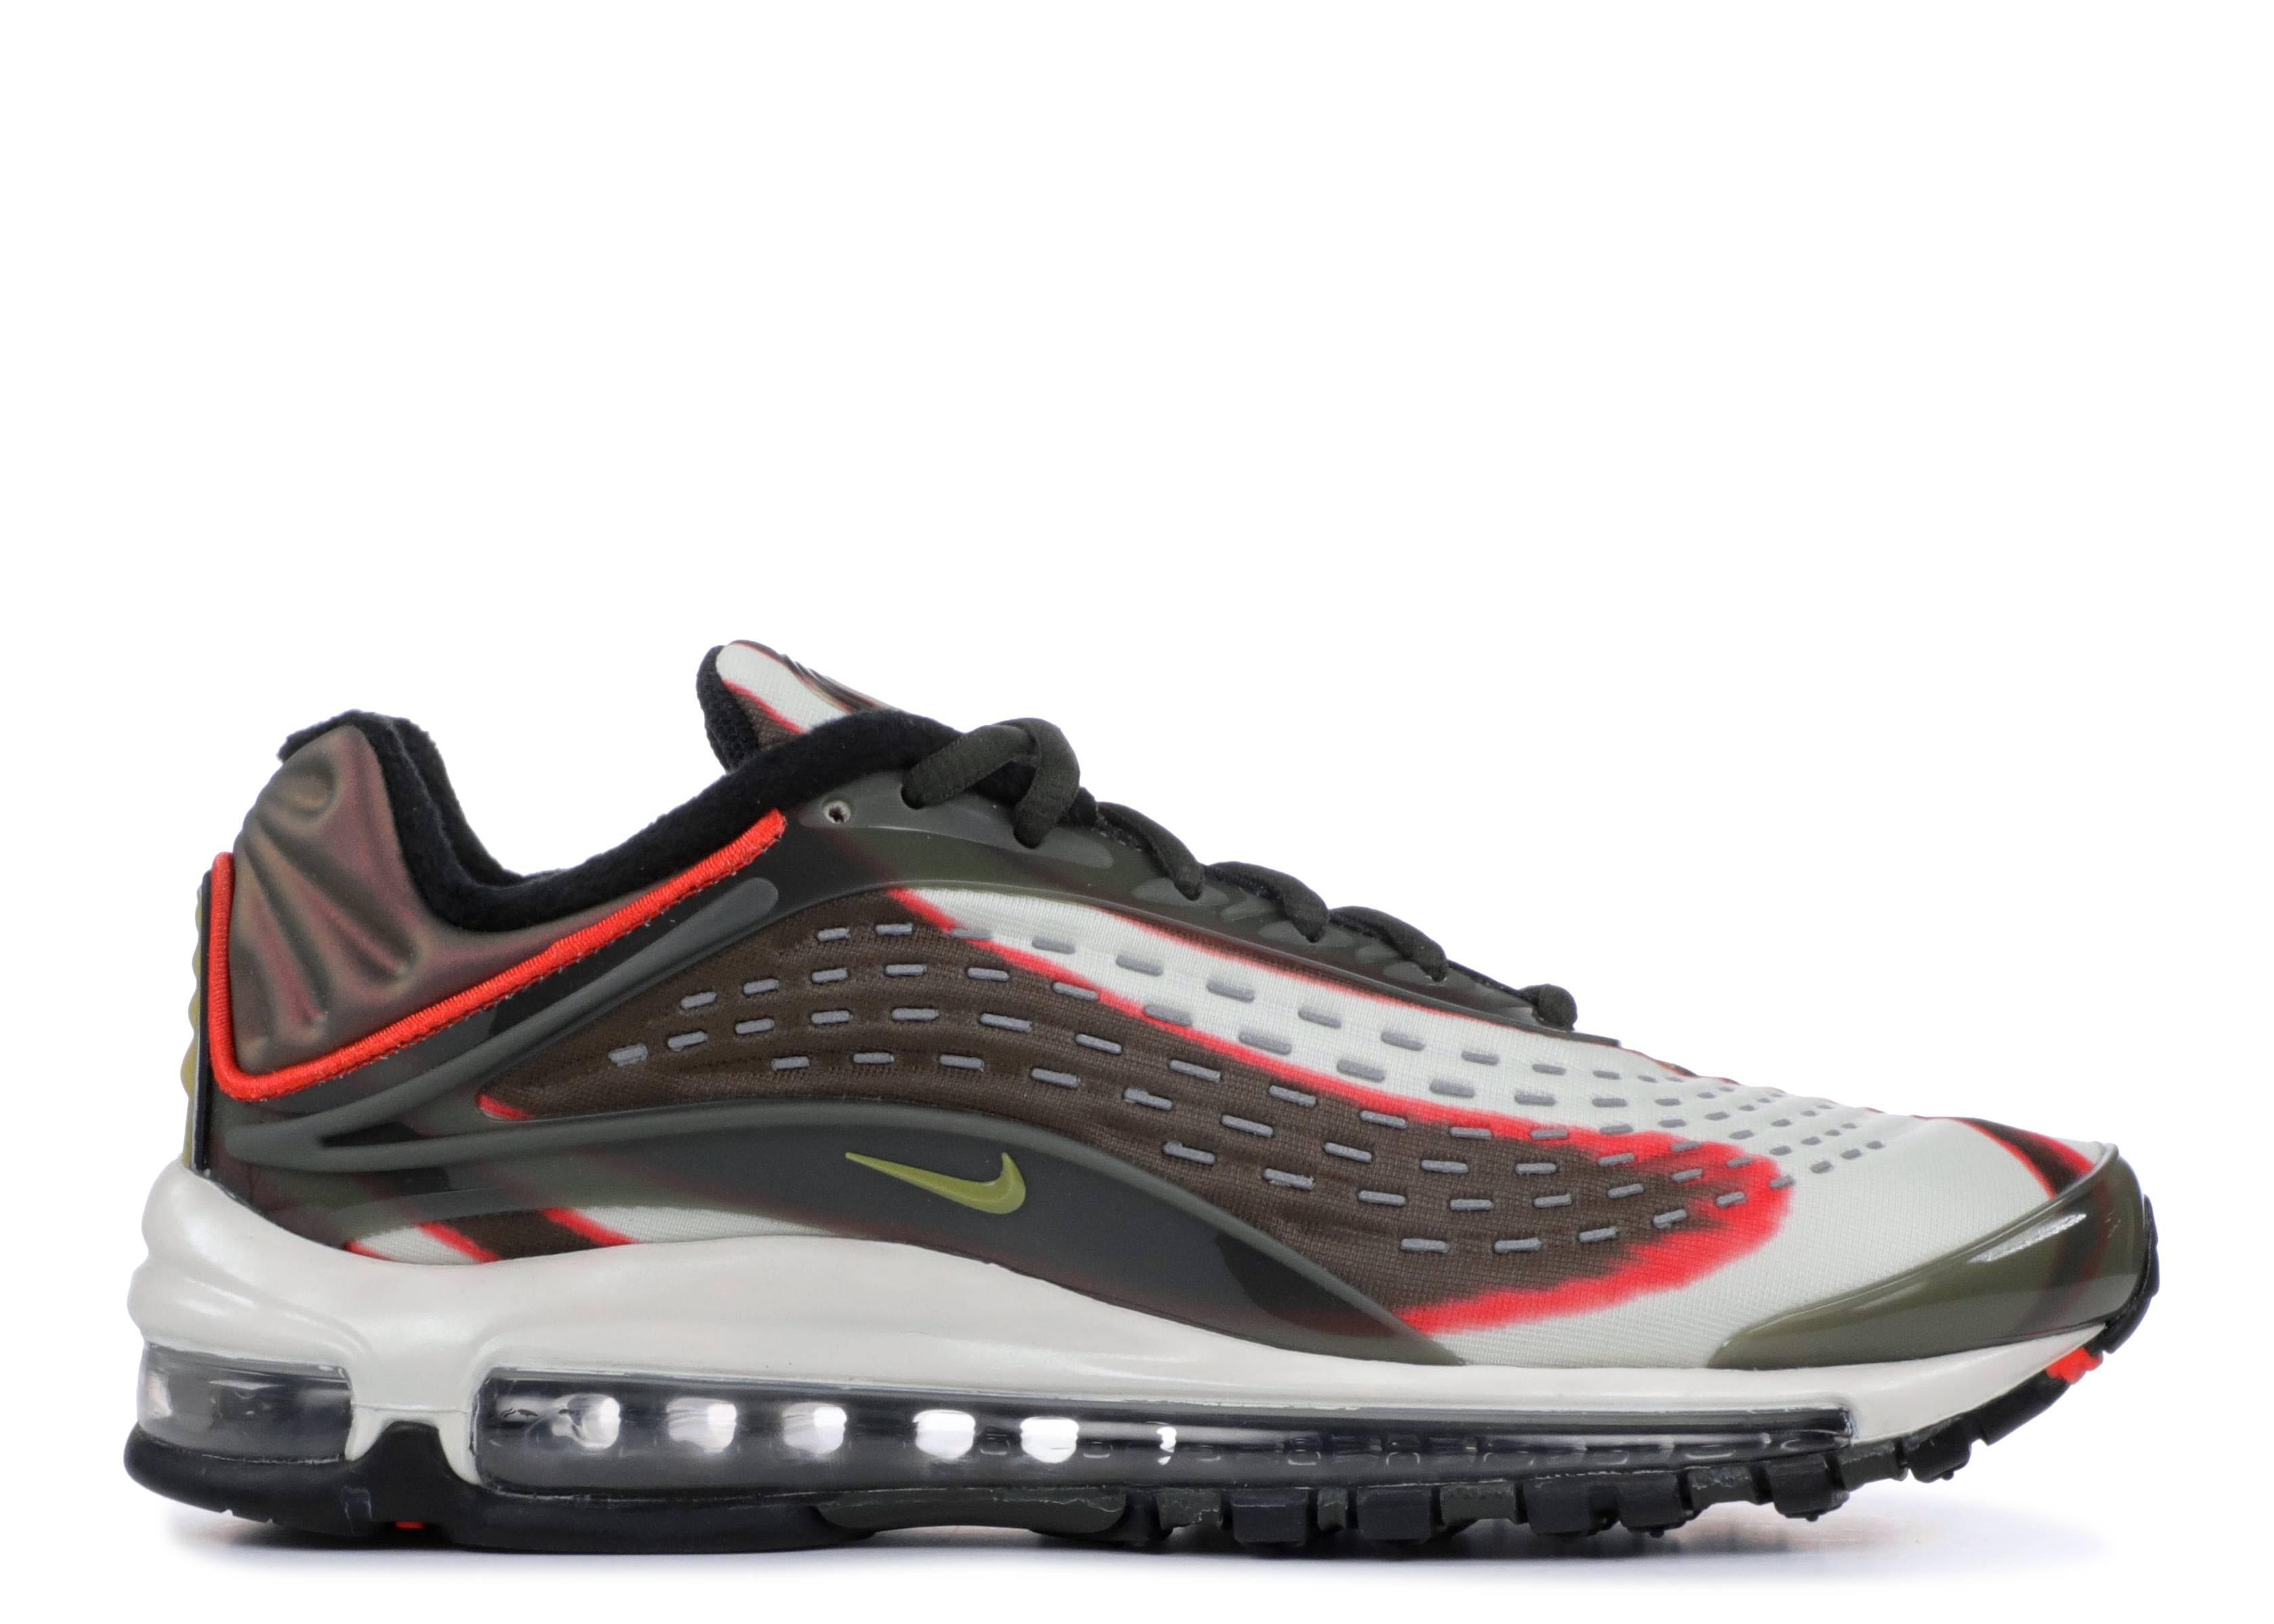 sports shoes 2ef45 f2aca Air Max Deluxe - Nike - AJ7831 300 - sequioa camper green   Flight Club